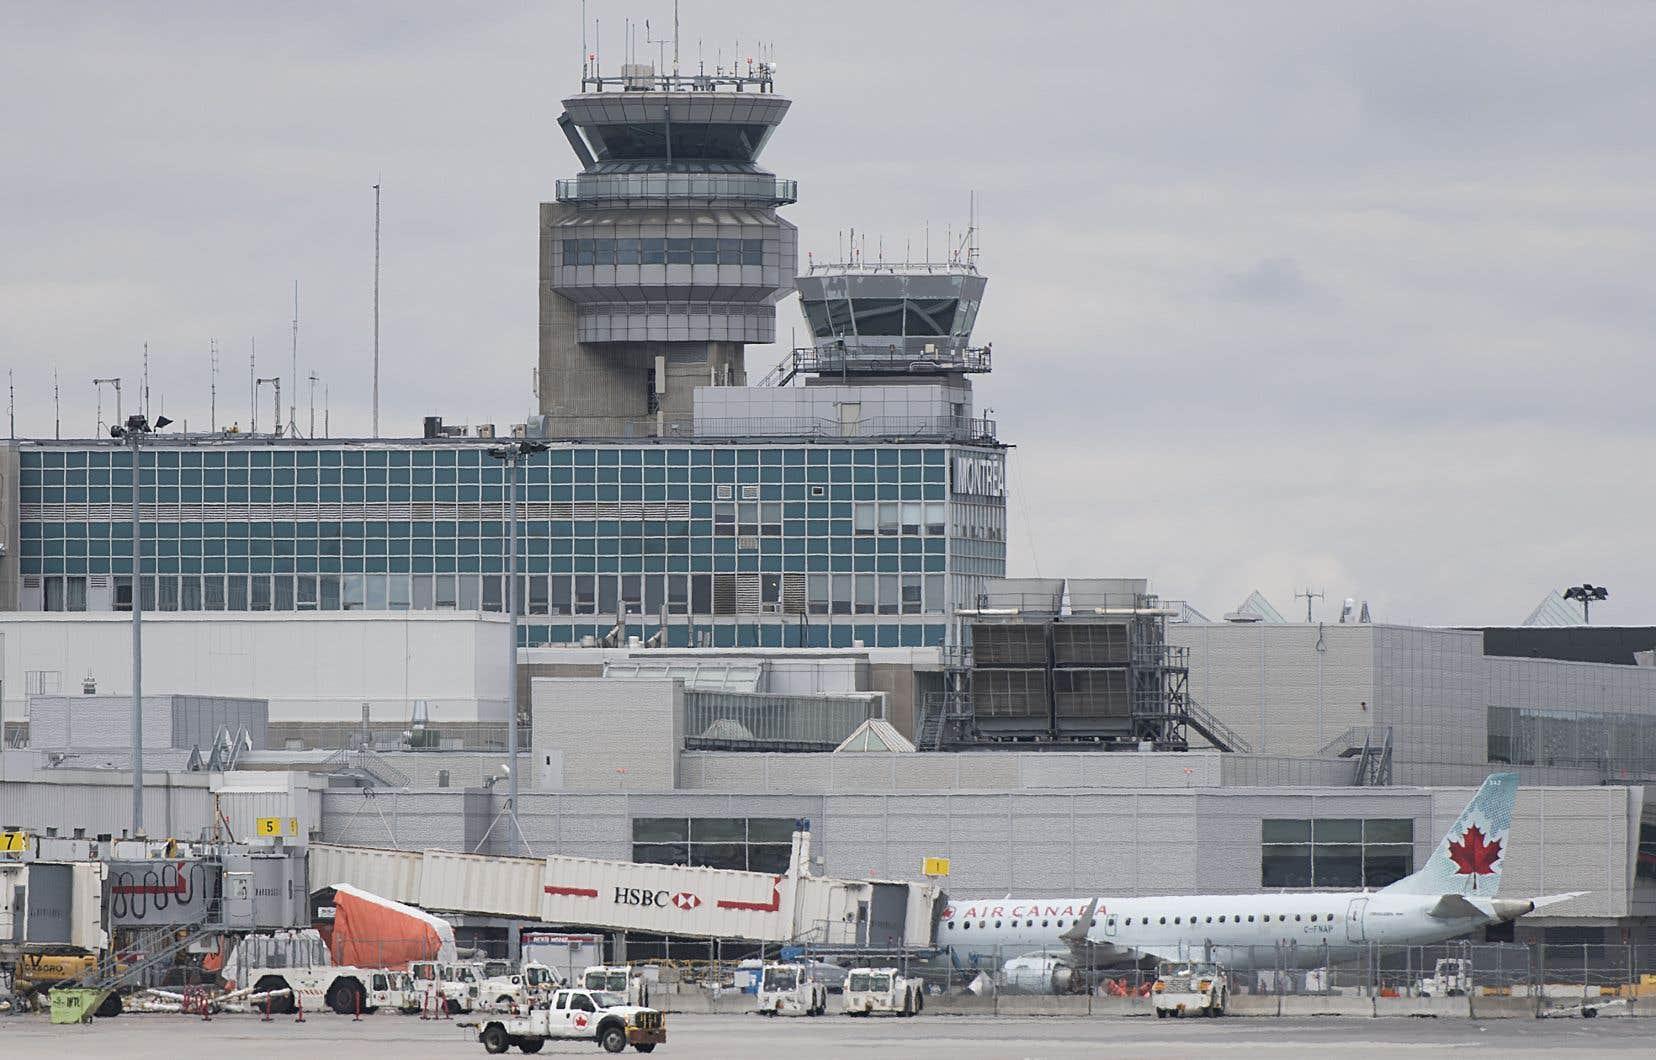 «ADM fait fi, depuis des années, des appels des citoyens de la grande région métropolitaine de Montréal à assurer une cohabitation harmonieuse entre les activités aéronautiques que génère l'aéroport et la population», souligne l'auteur.